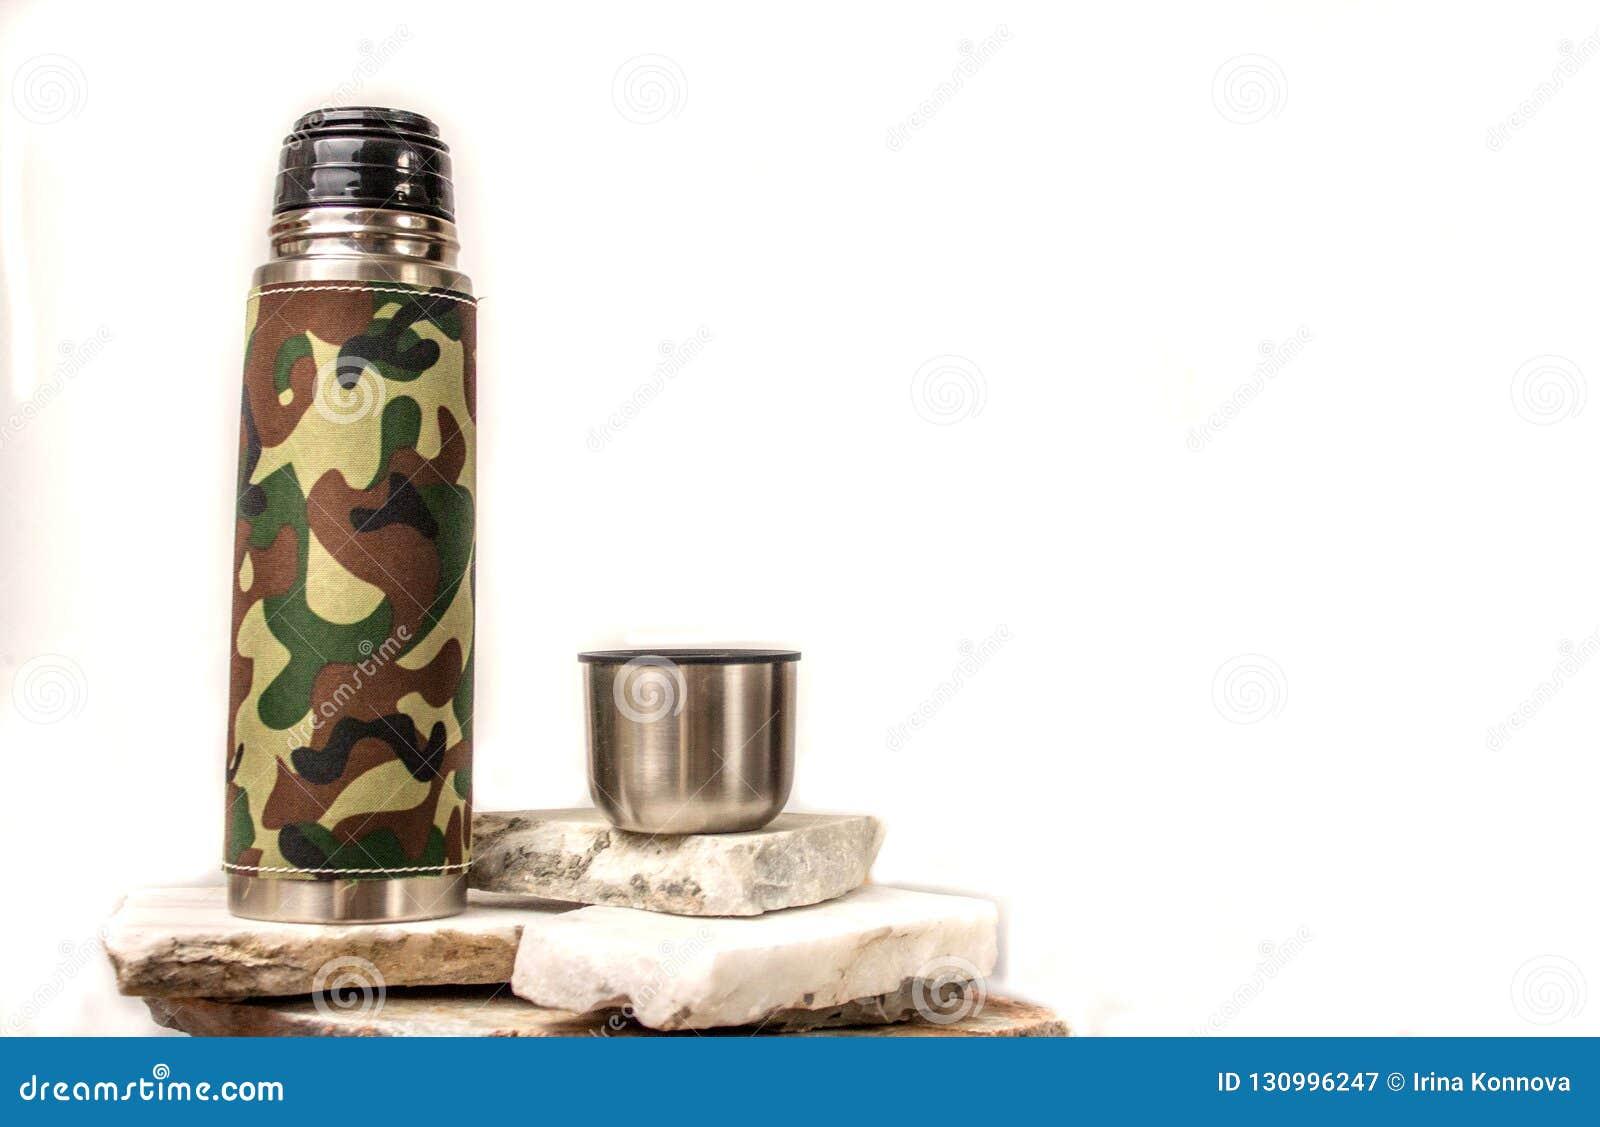 Thermosflascheflasche auf einem weißen Hintergrund